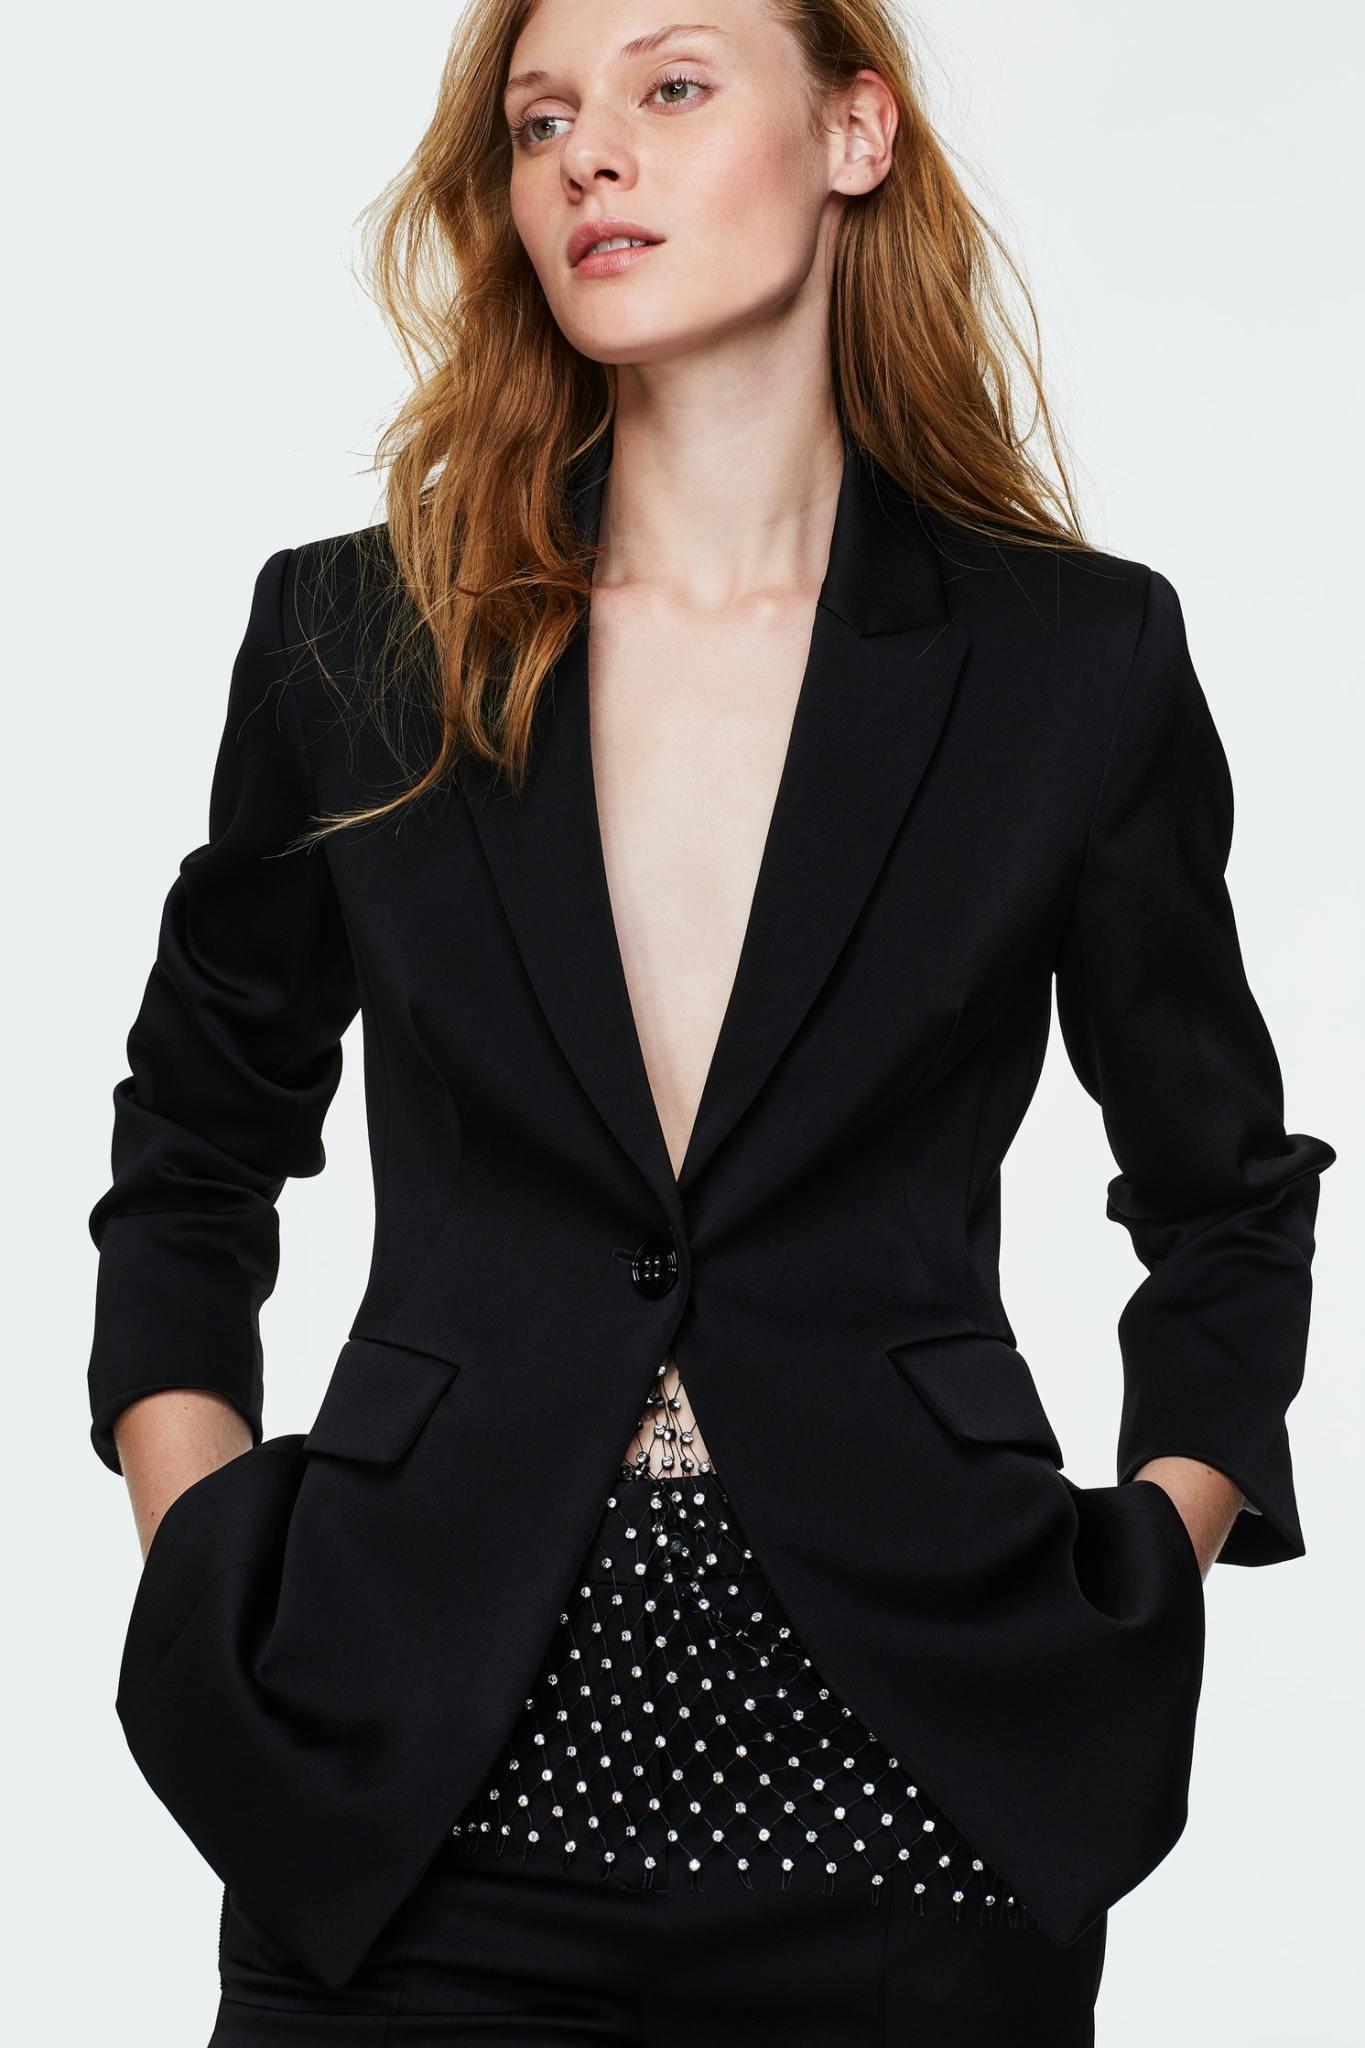 Classy statement jacket dorothee schumacher-1